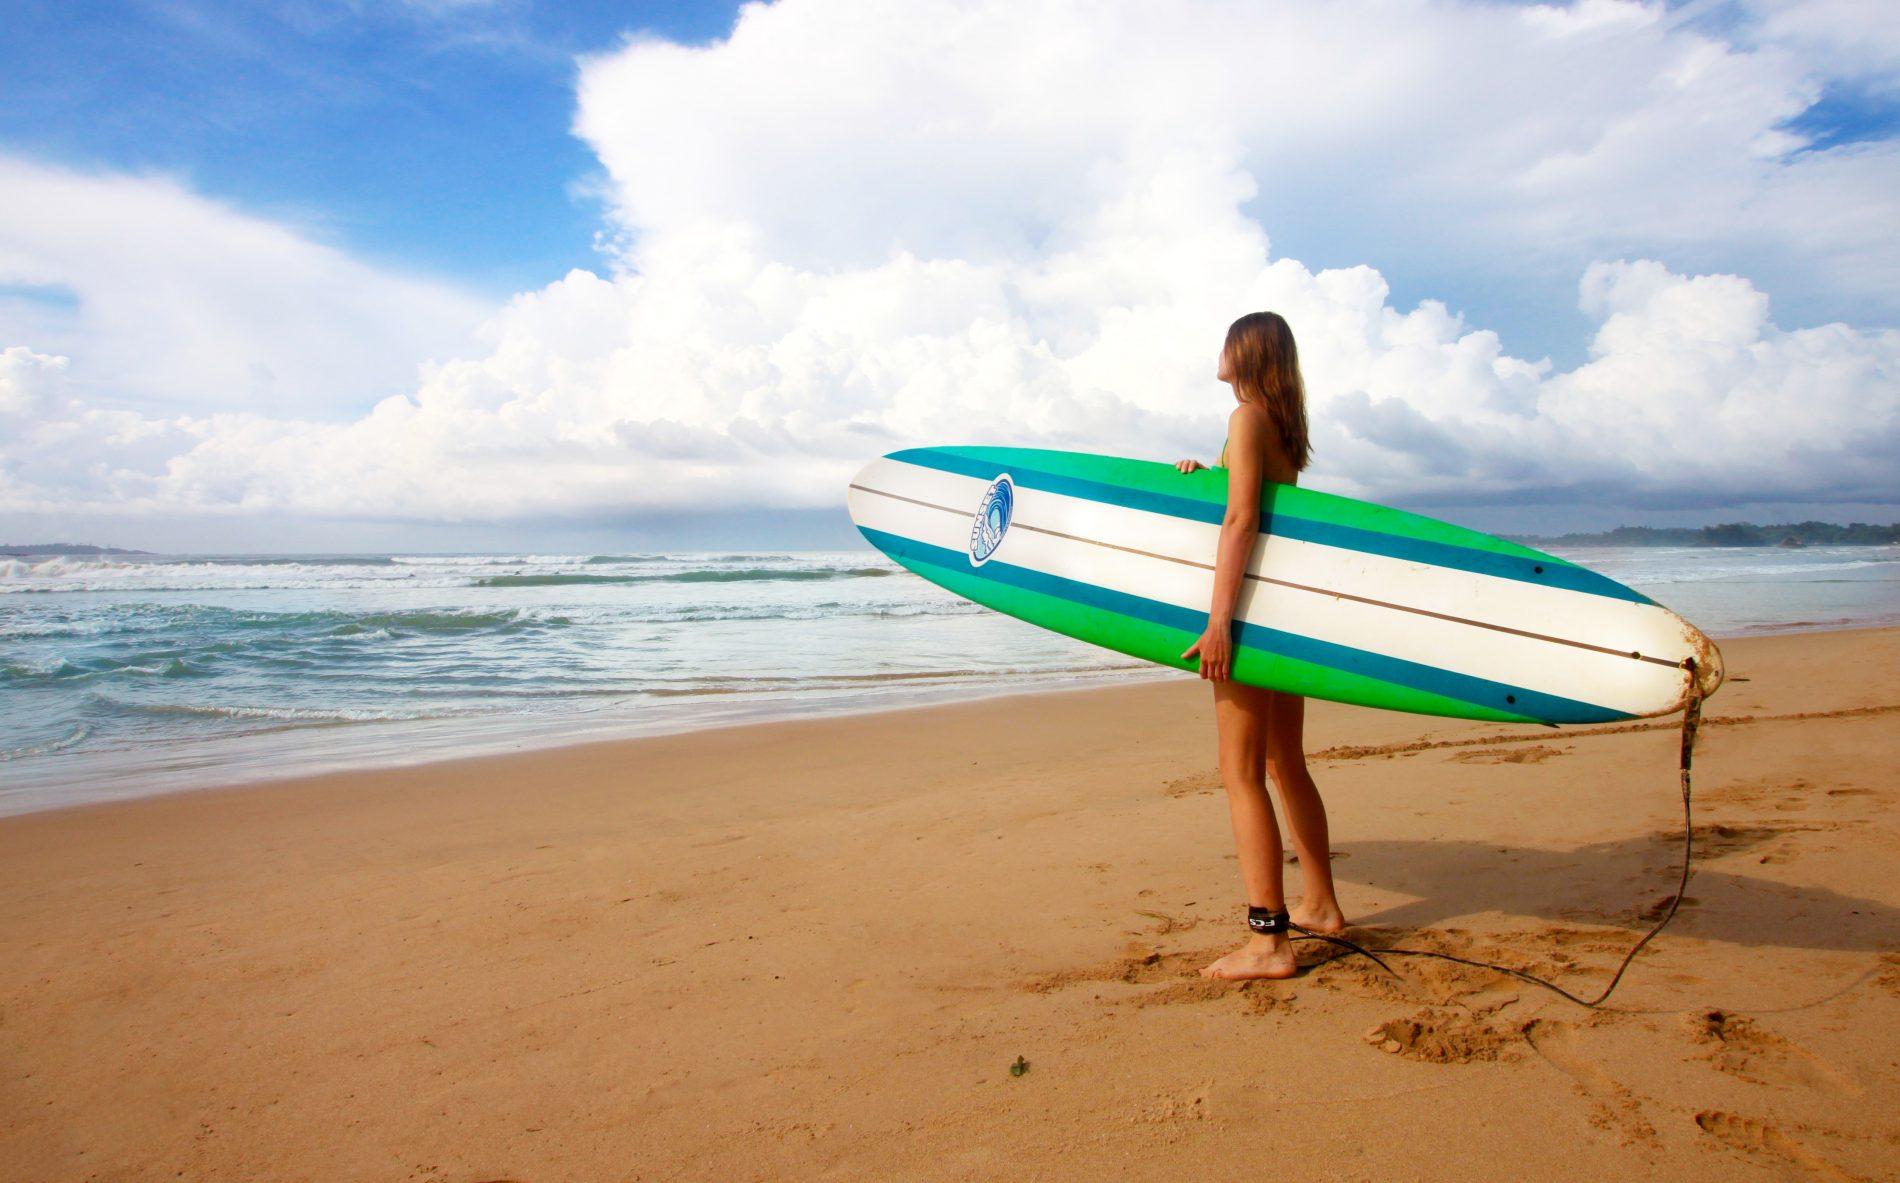 surf.viaggio da sola